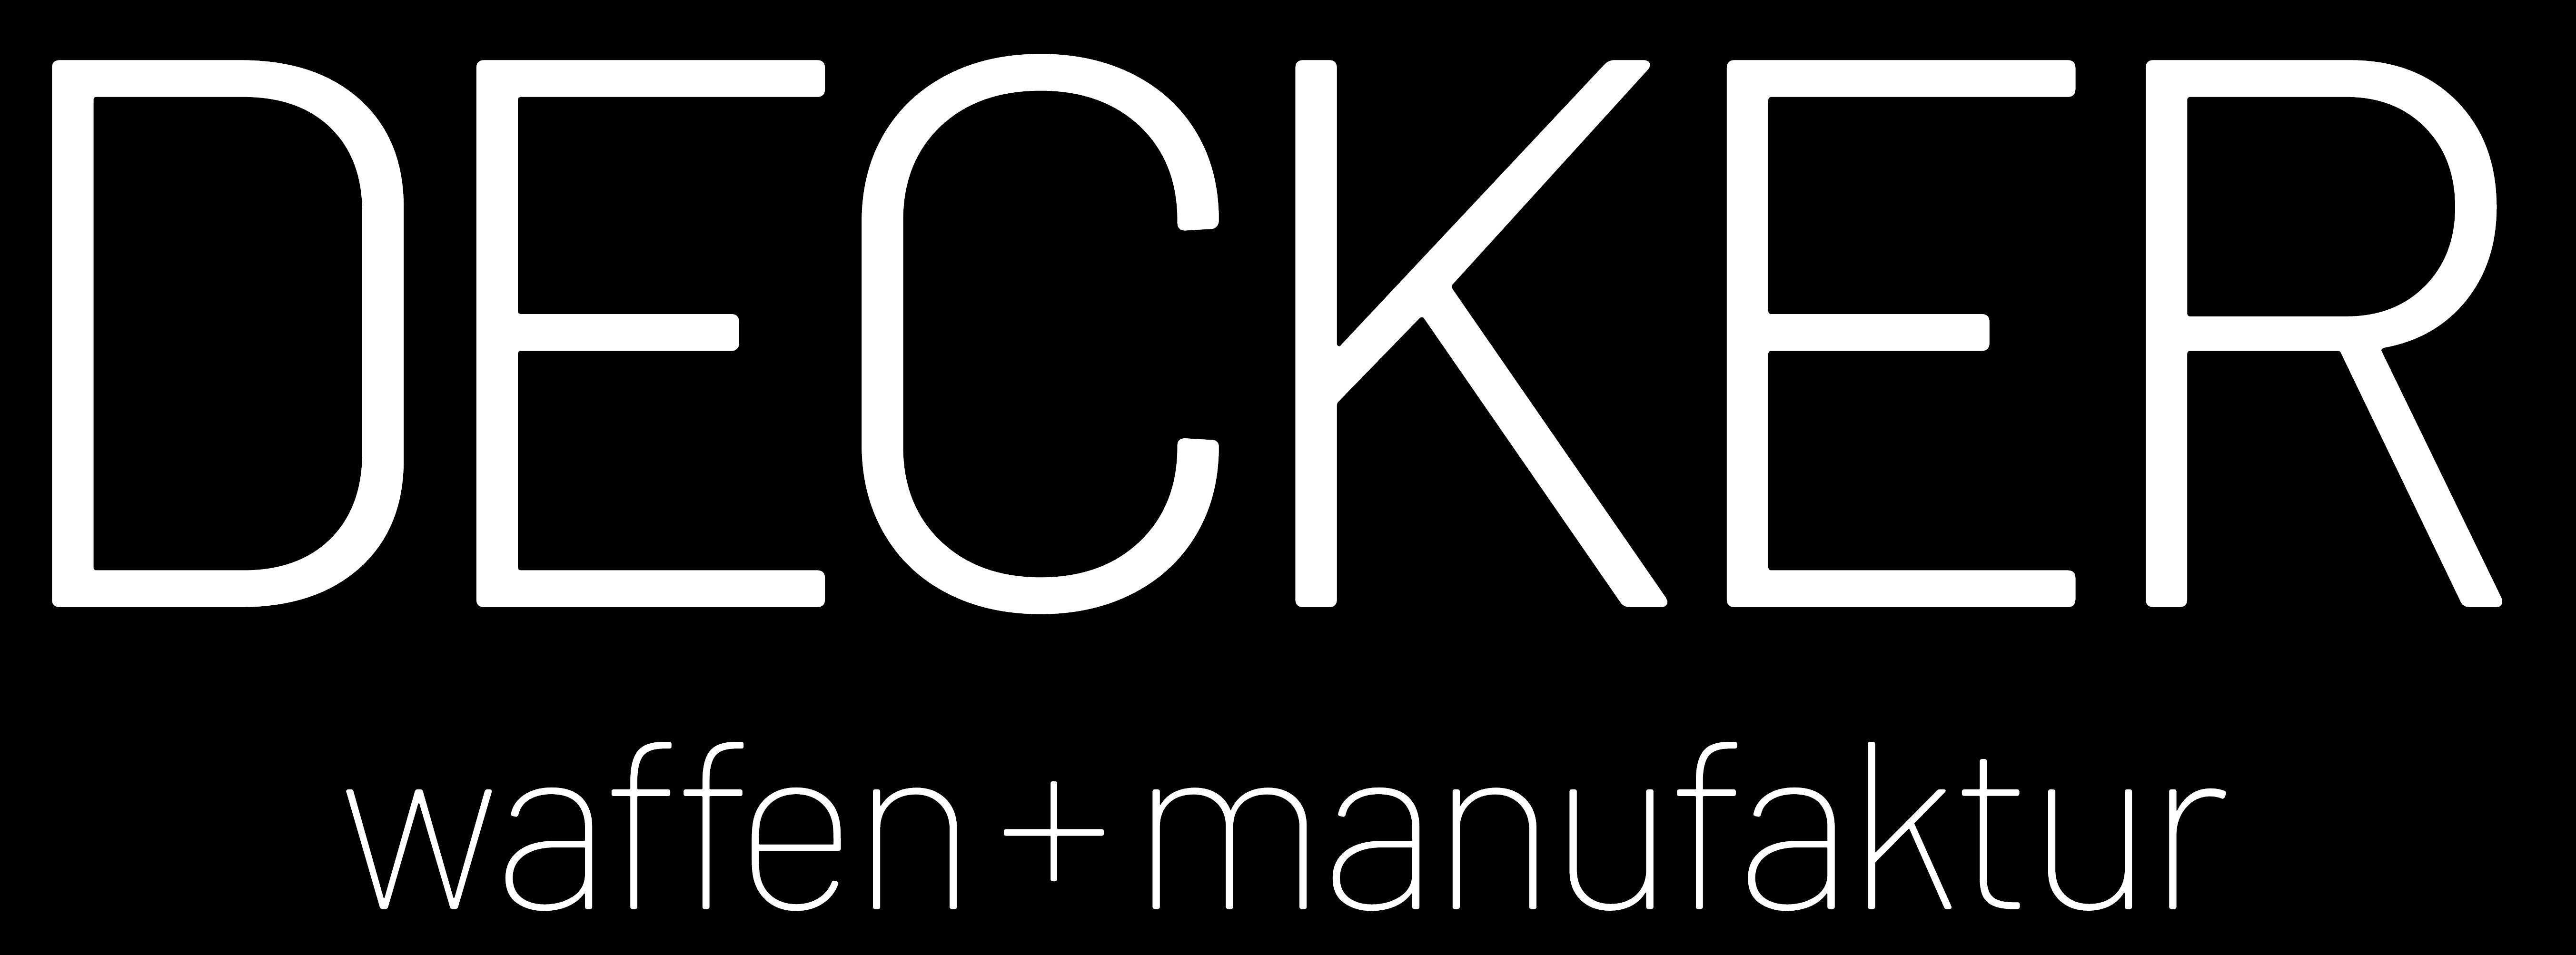 Decker Waffenmanufaktur